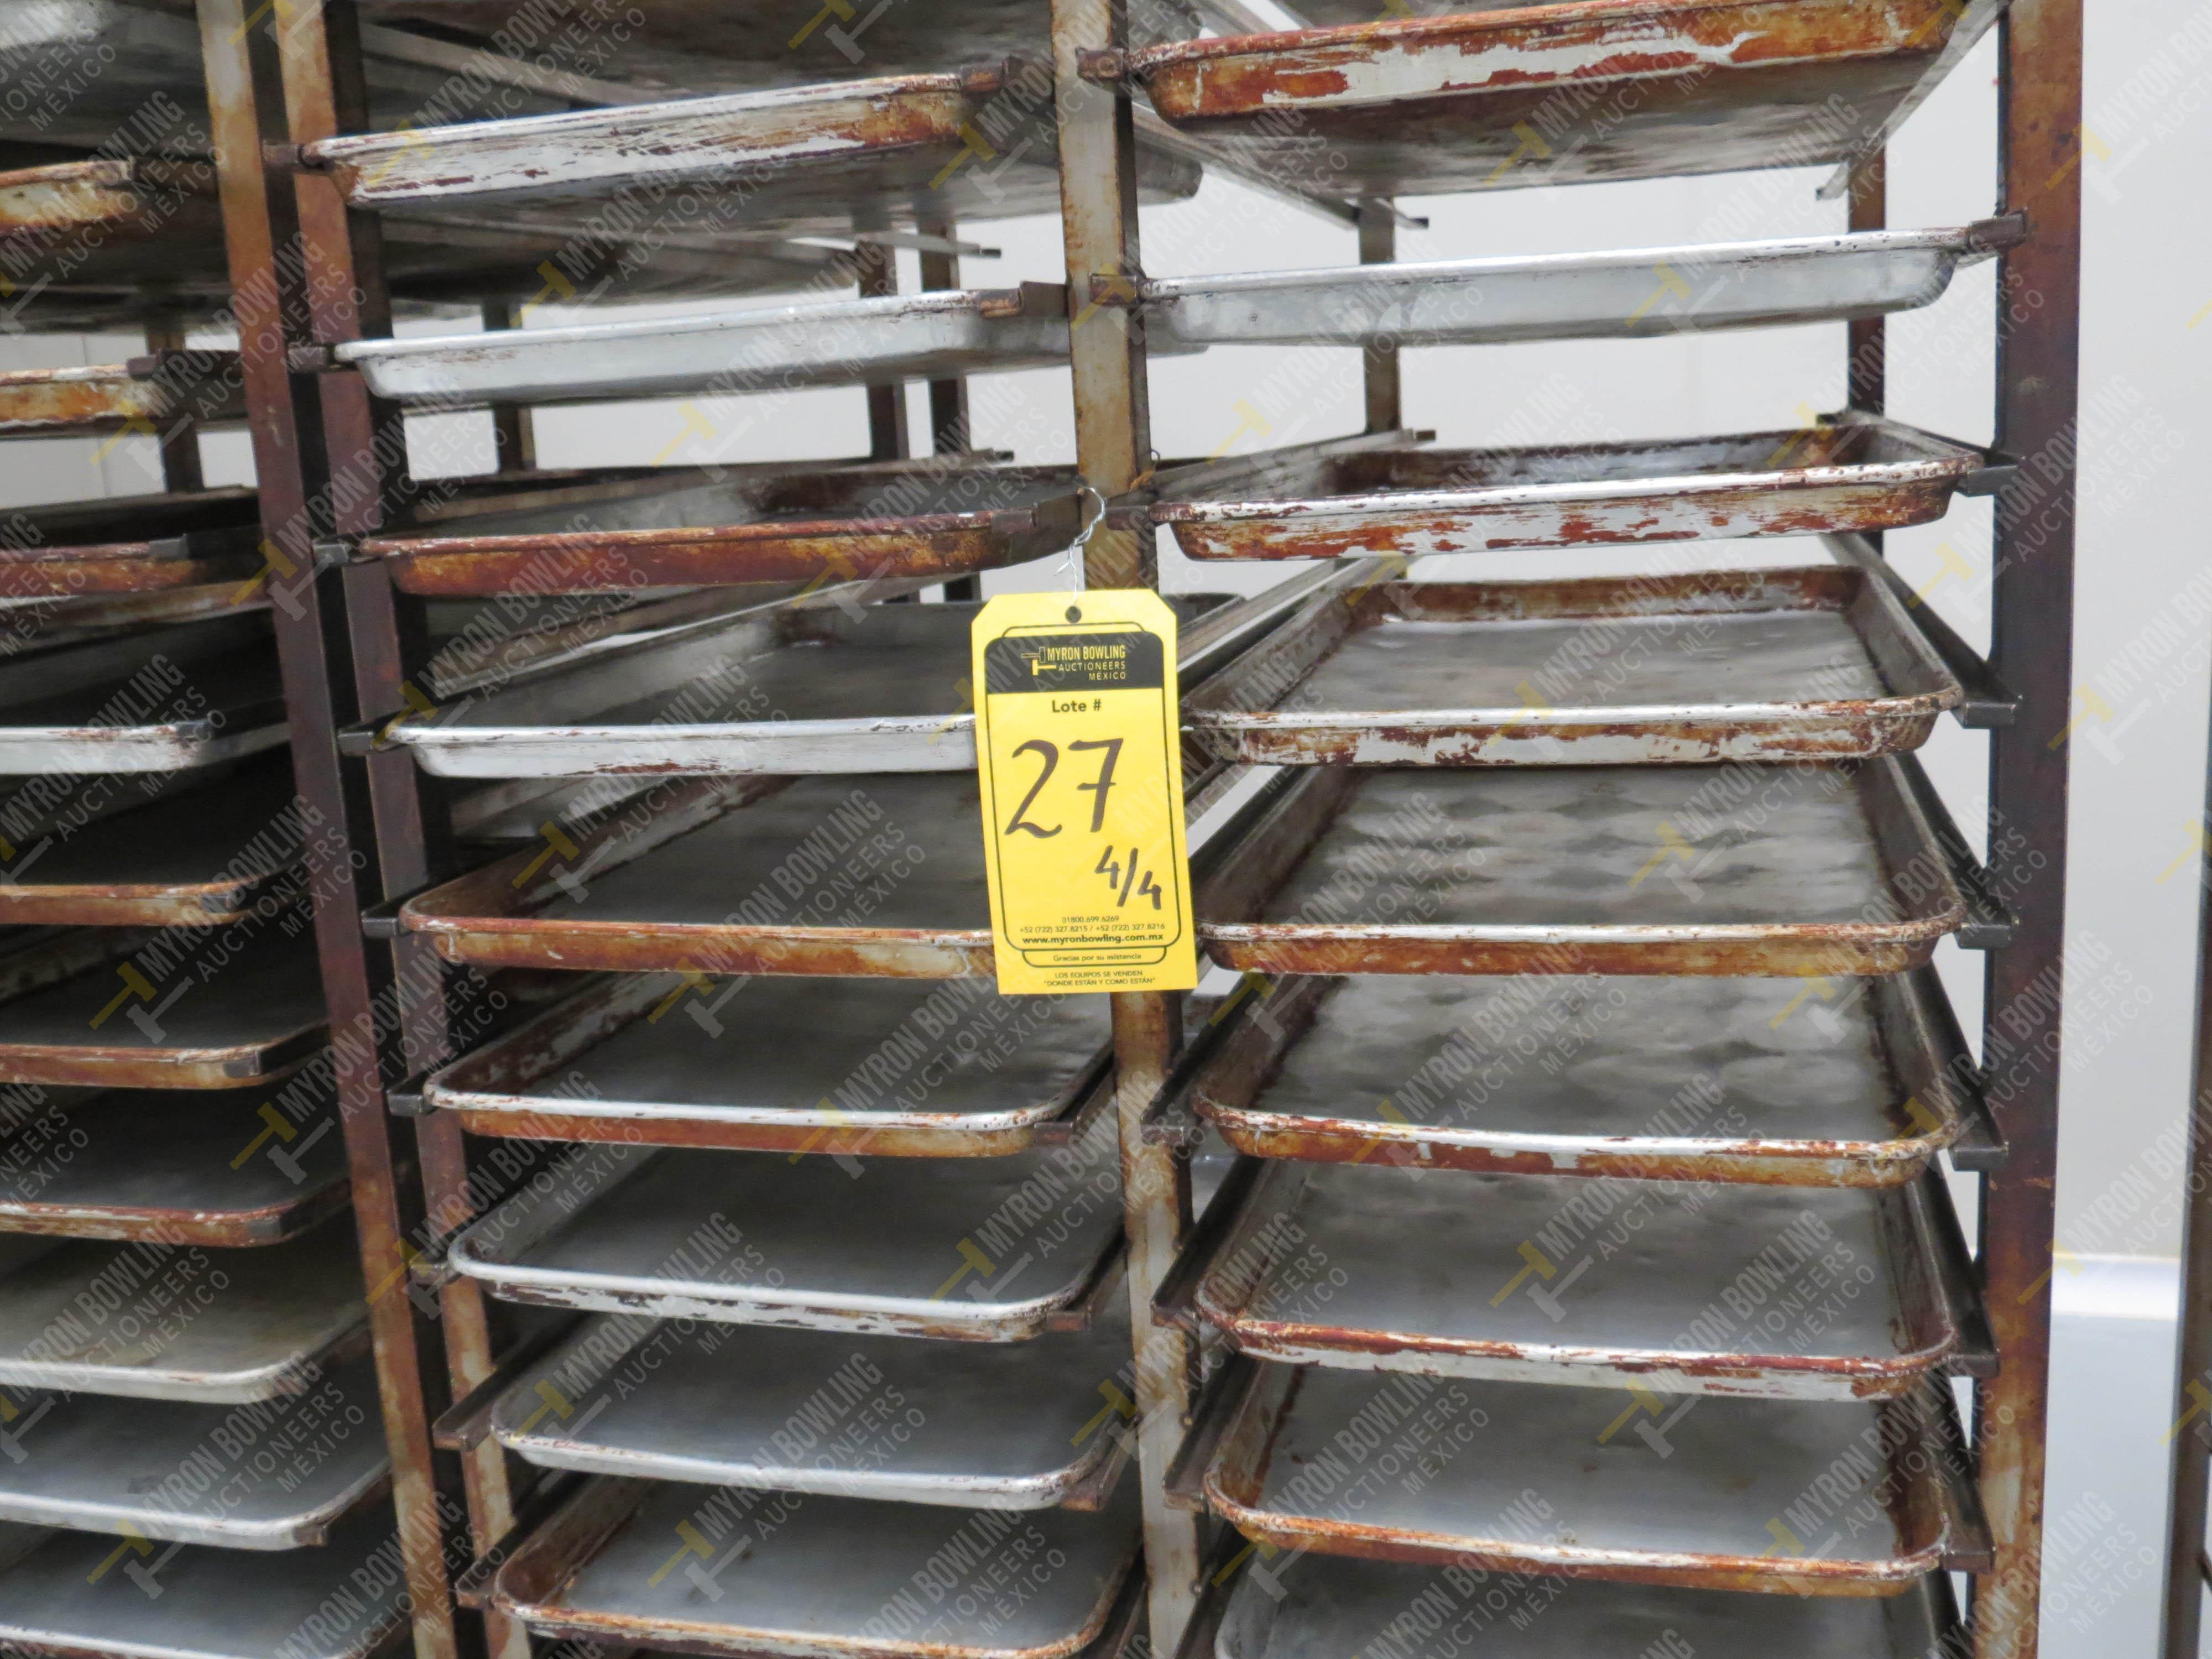 Horno giratorio a gas marca Europan, Modelo LFRN66X92, No. de Serie 6397, año 2007 ... - Image 12 of 13